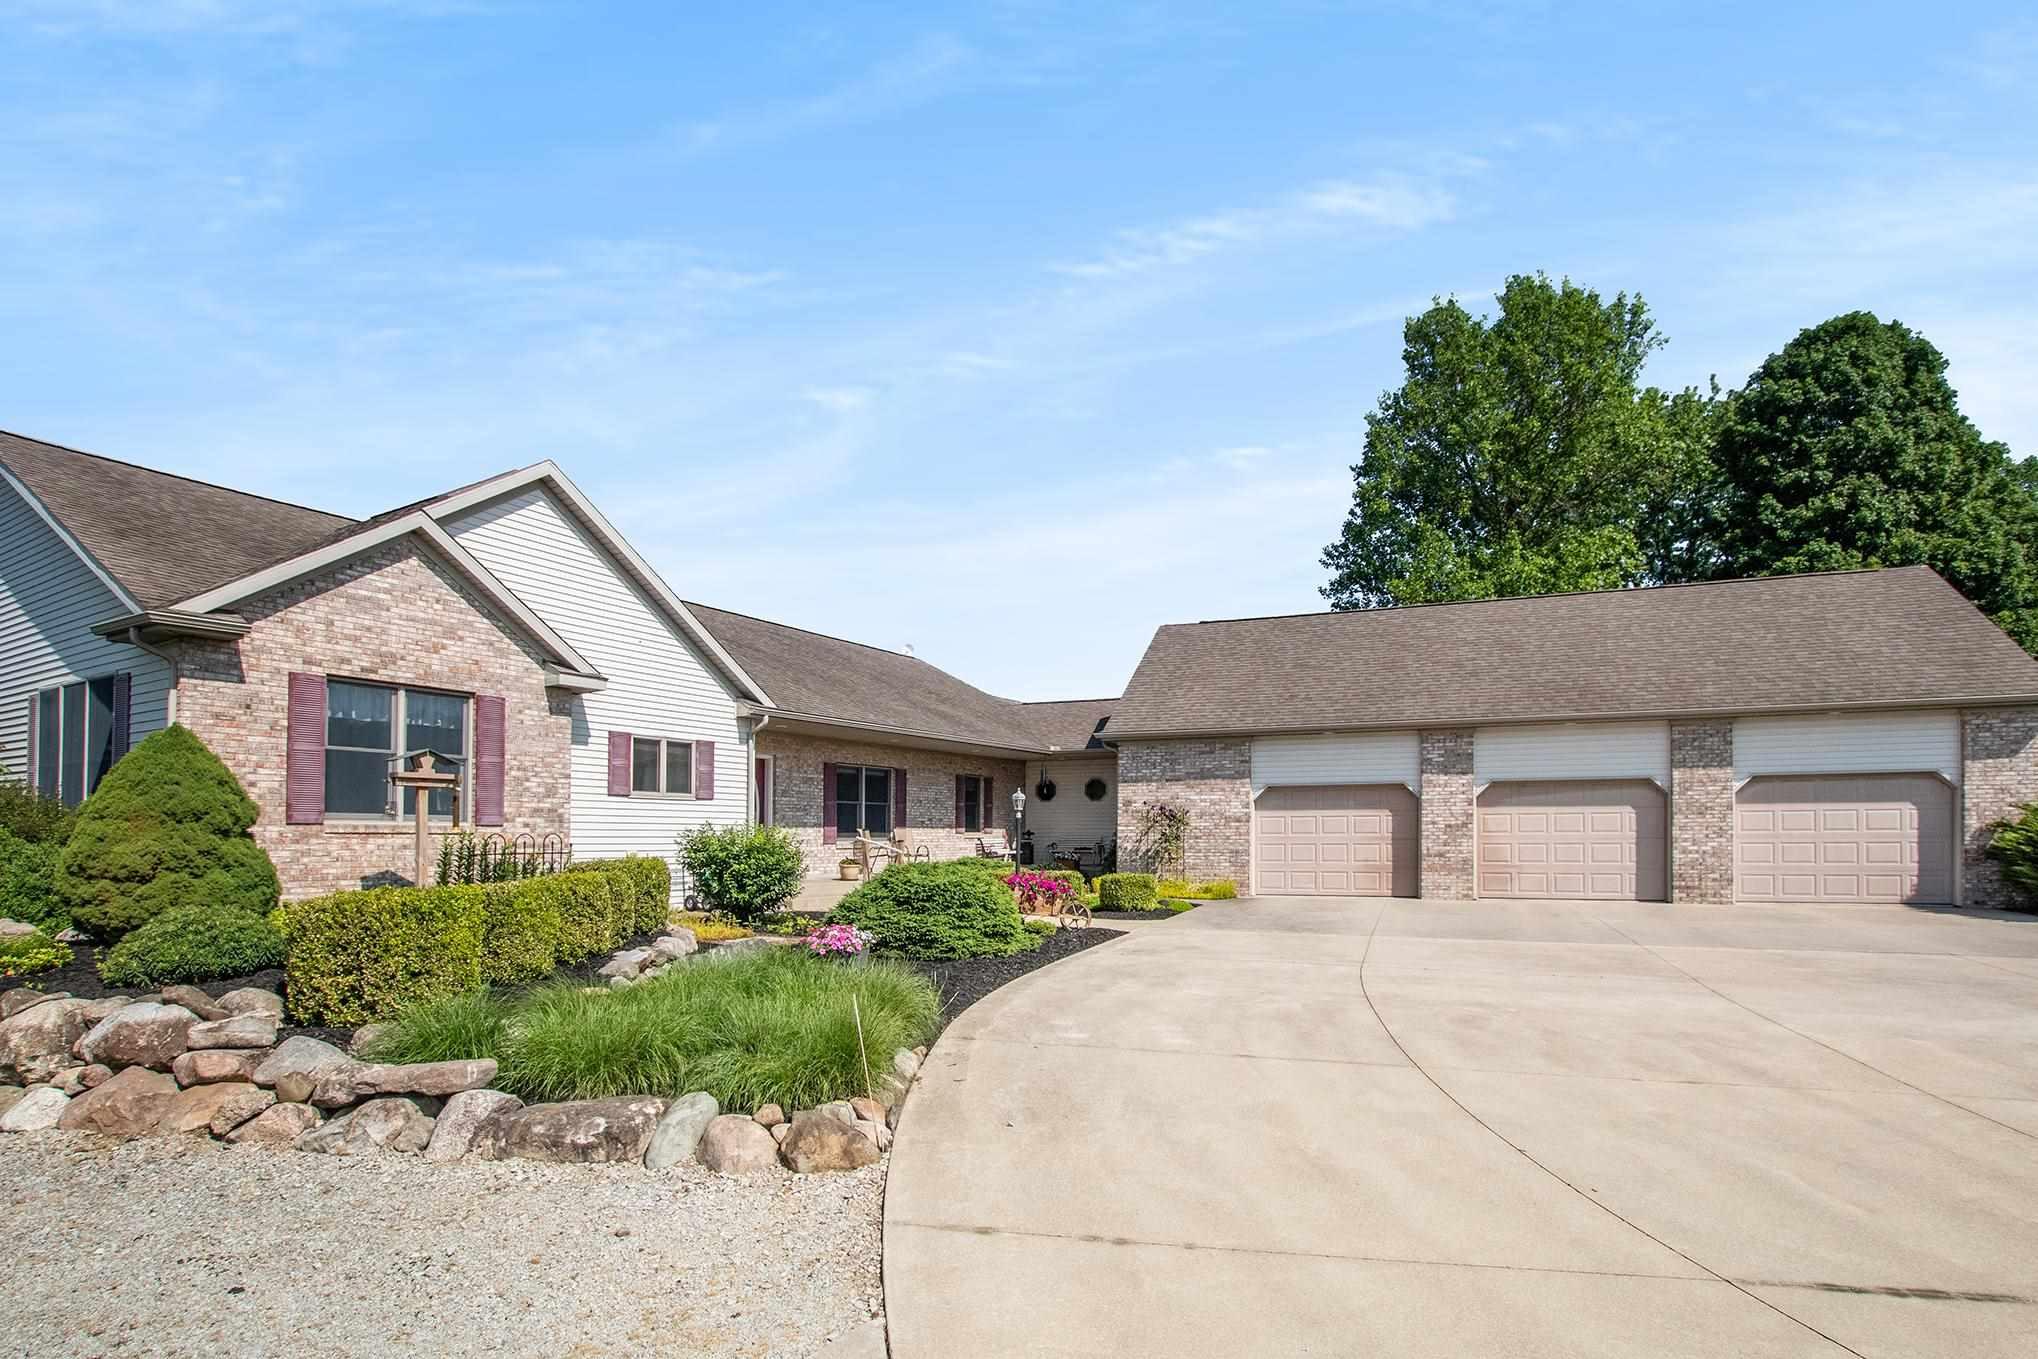 64065 County Road 33, Goshen, IN 46528